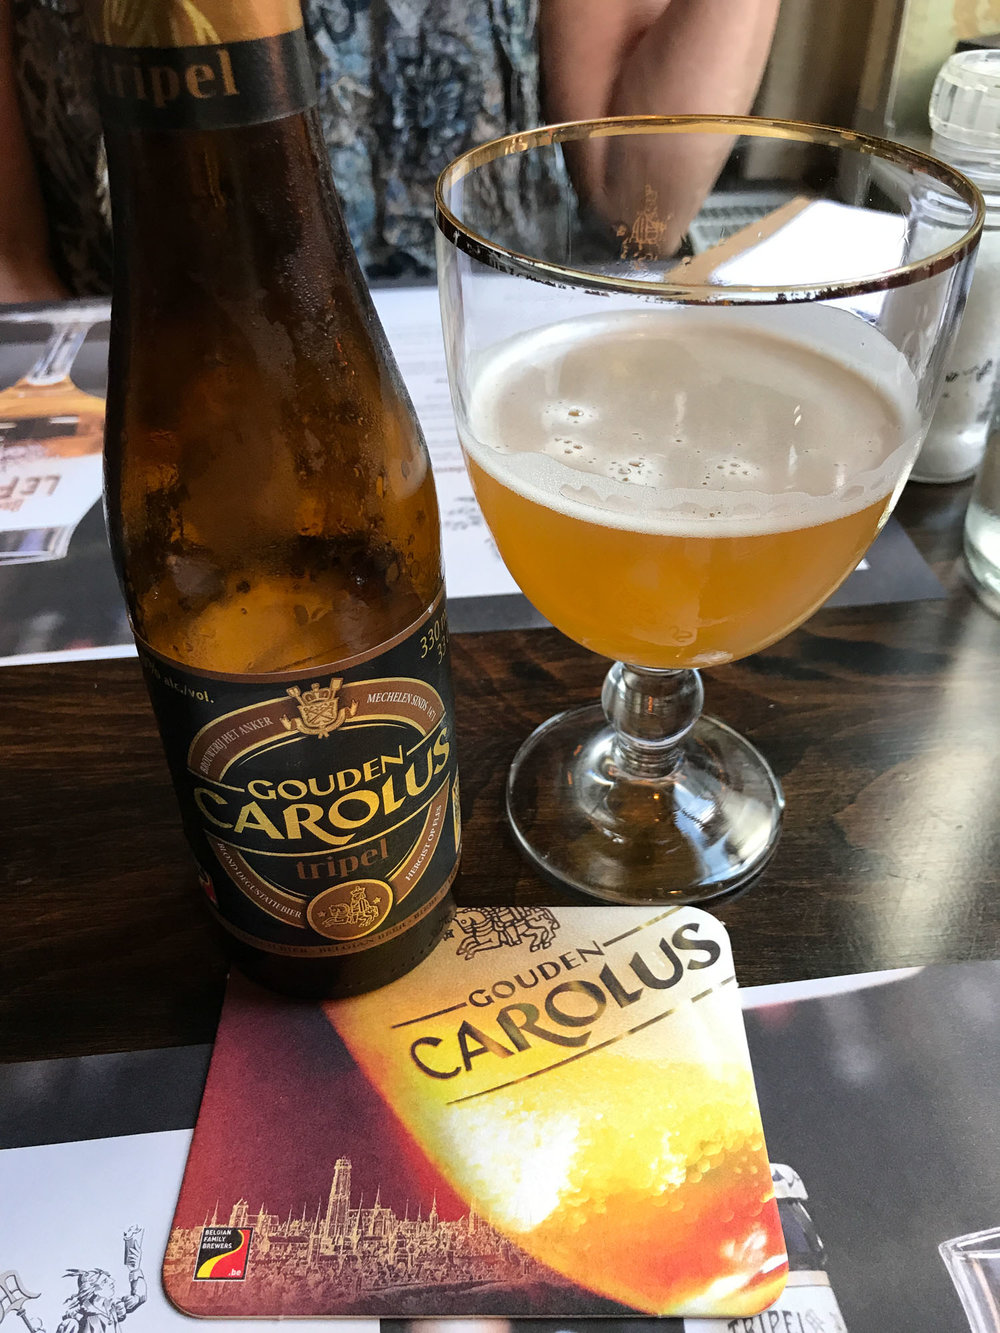 Carolus Beer